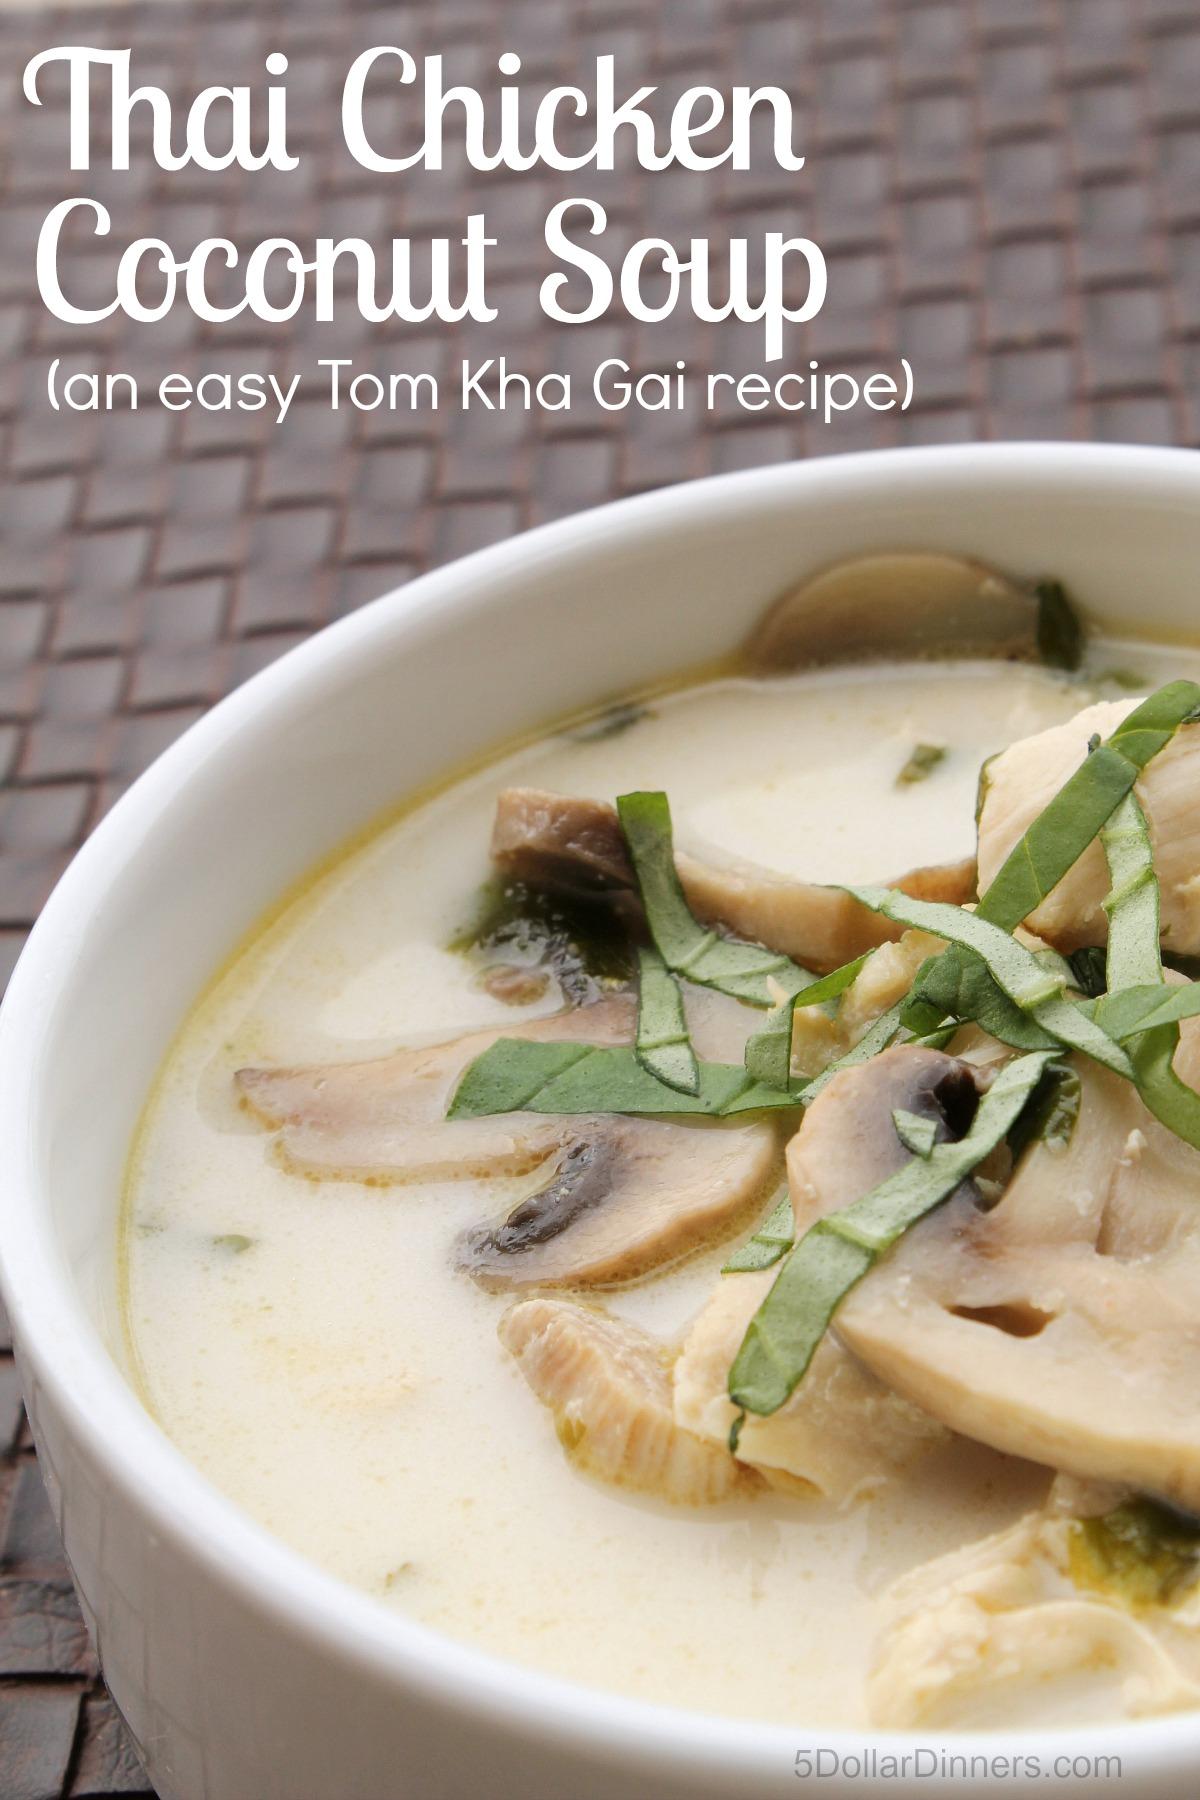 Thai Chicken Coconut Soup (Easy Tom Kha Gai)